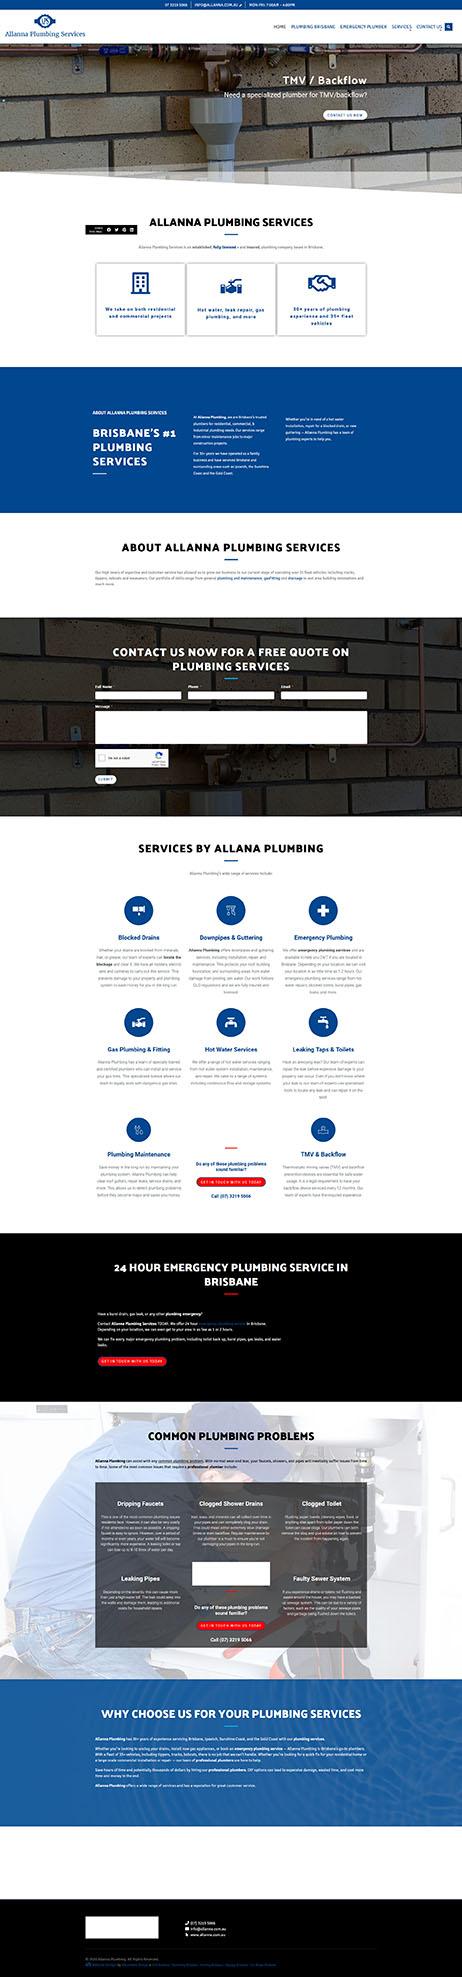 Allanna Plumbing: Desktop View